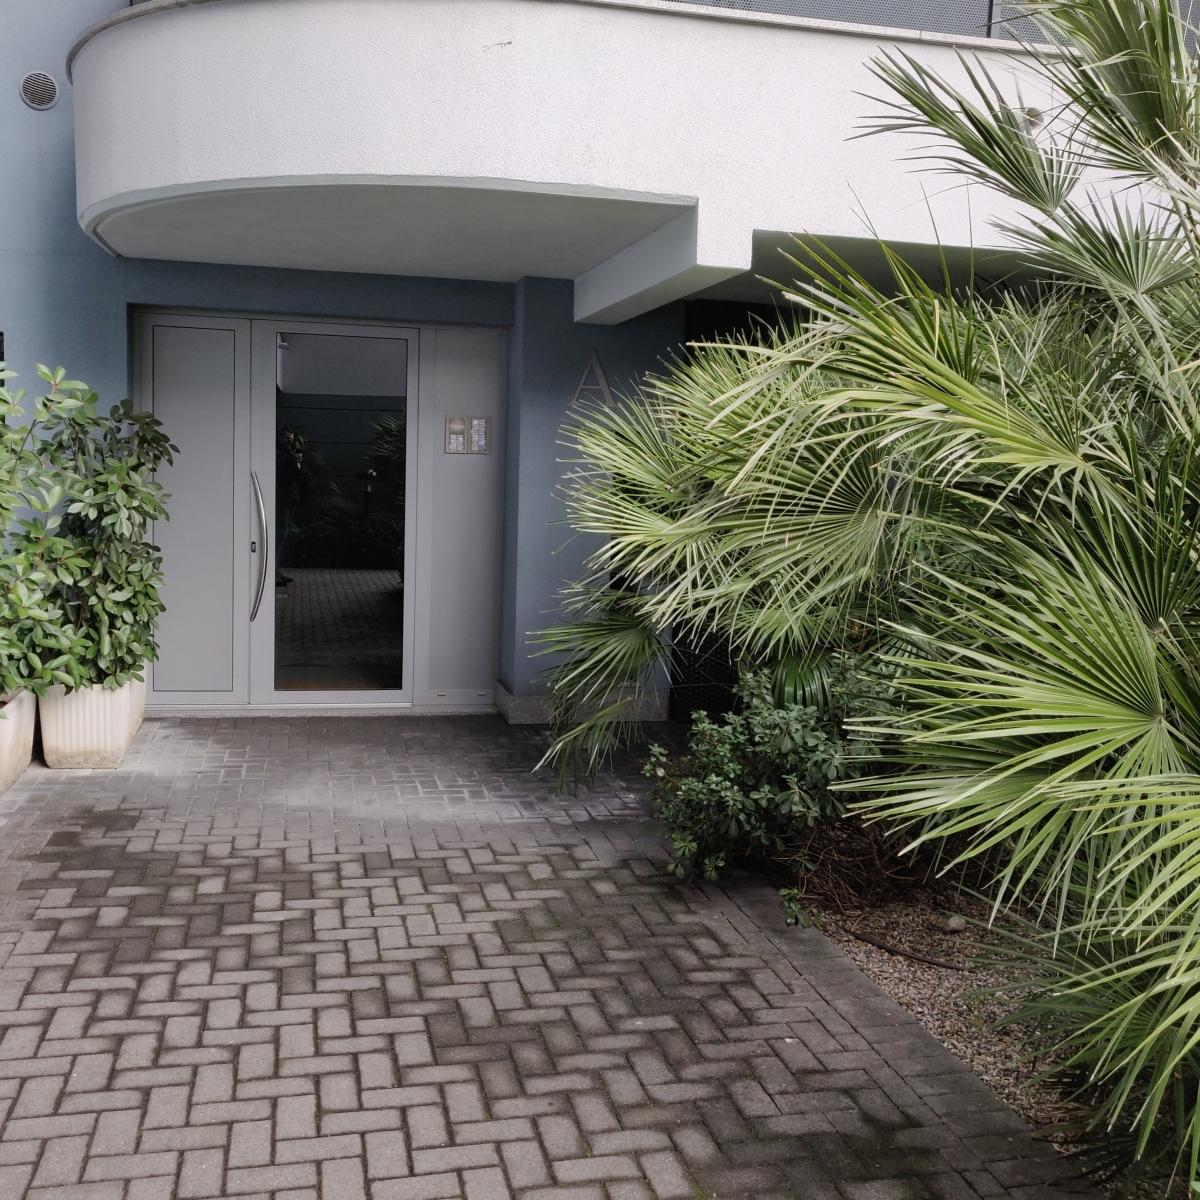 appartamento-in-vendita-milano-via-forze-armate-recente-costruzione-4-locali-spaziourbano-immobiliare-vende-32